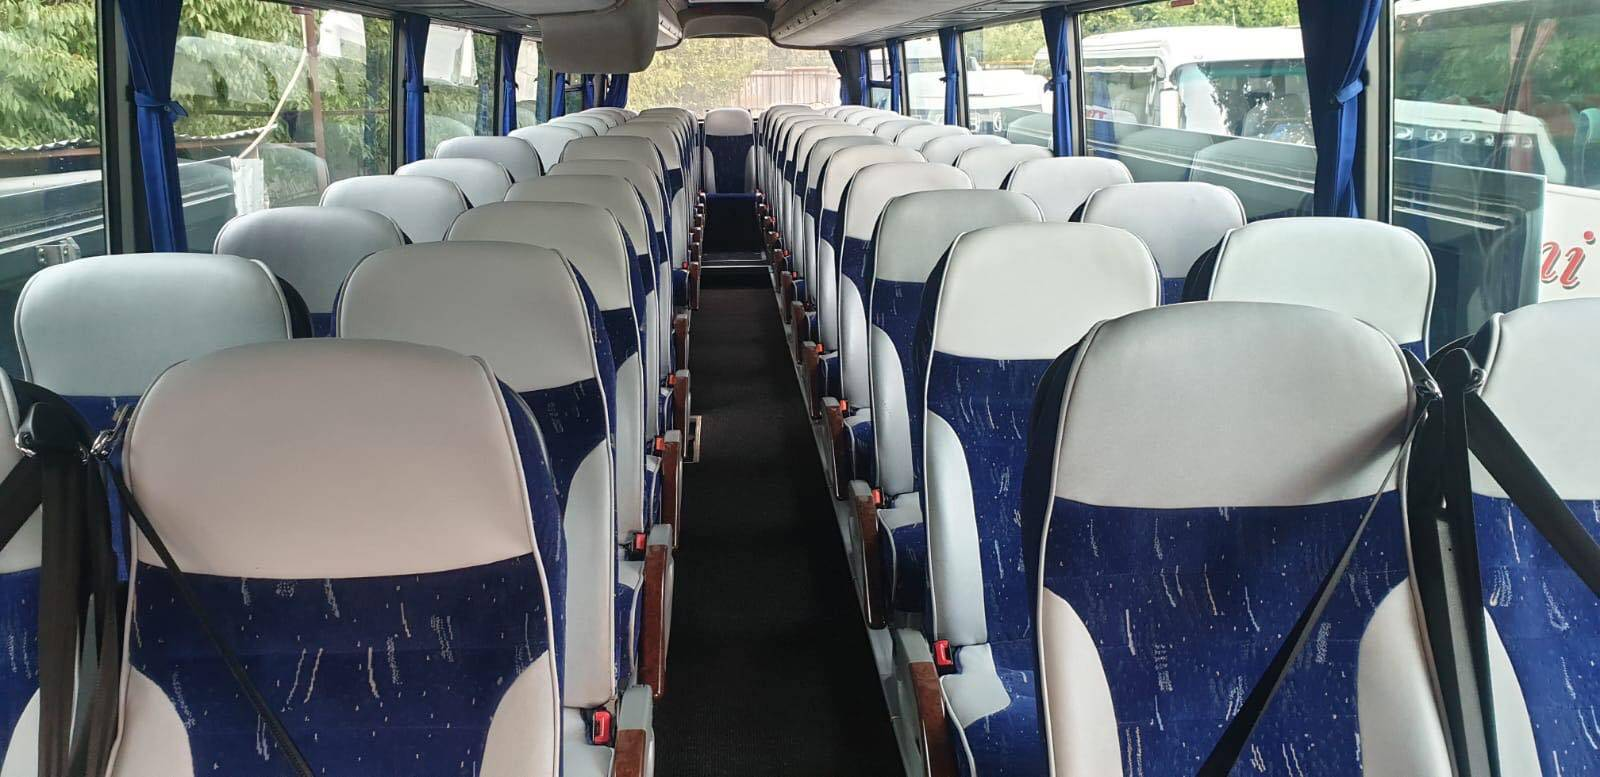 Noleggio bus, HOME, Buscemi autonoleggio